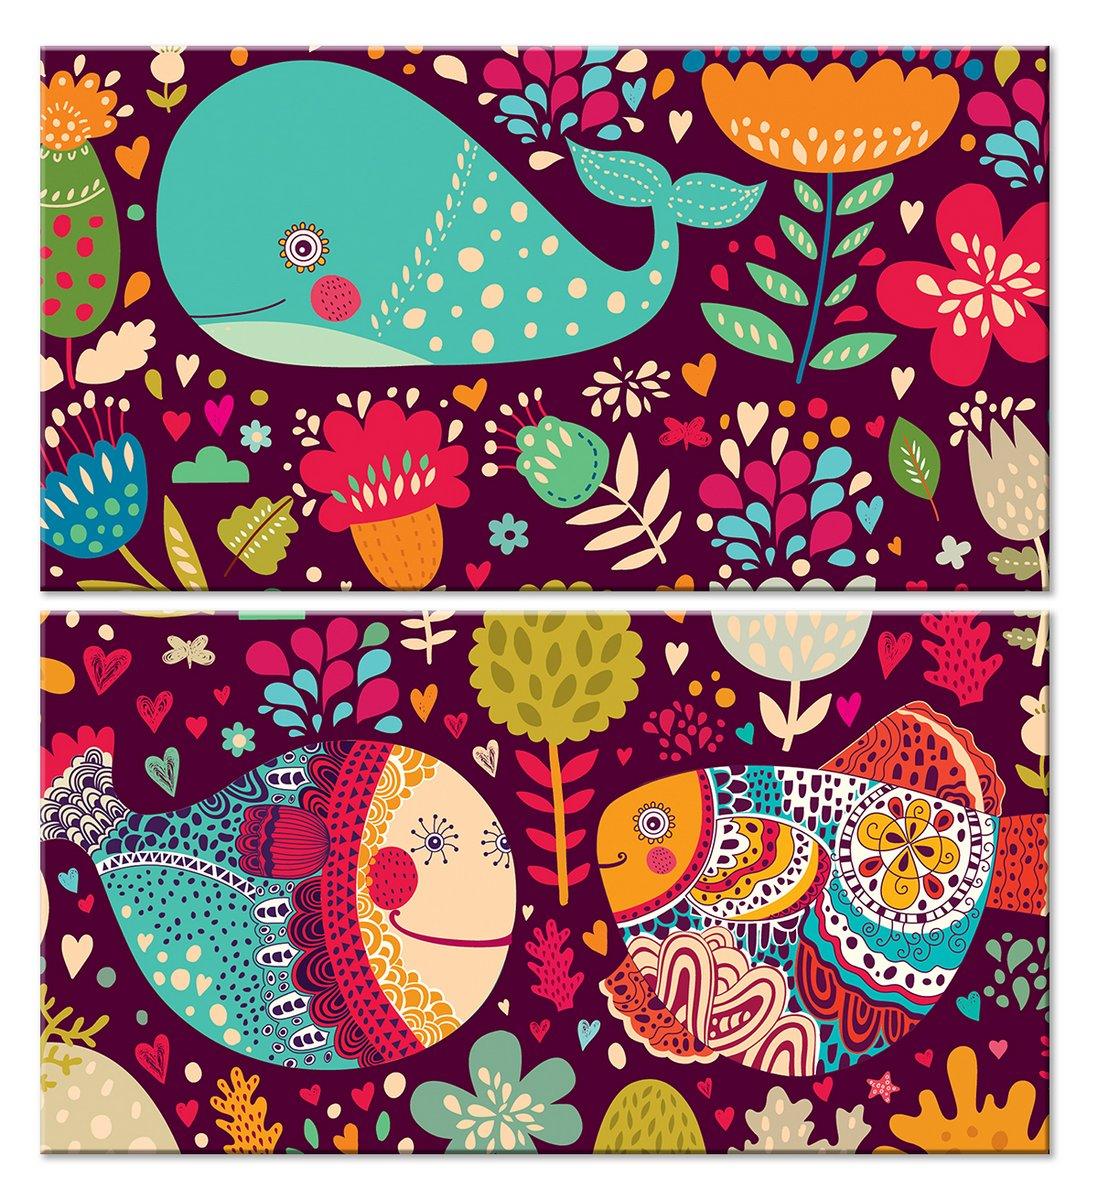 Модульная картина «Подводное царство»Детские<br>Модульная картина на натуральном холсте и деревянном подрамнике. Подвес в комплекте. Трехслойная надежная упаковка. Доставим в любую точку России. Вам осталось только повесить картину на стену!<br>